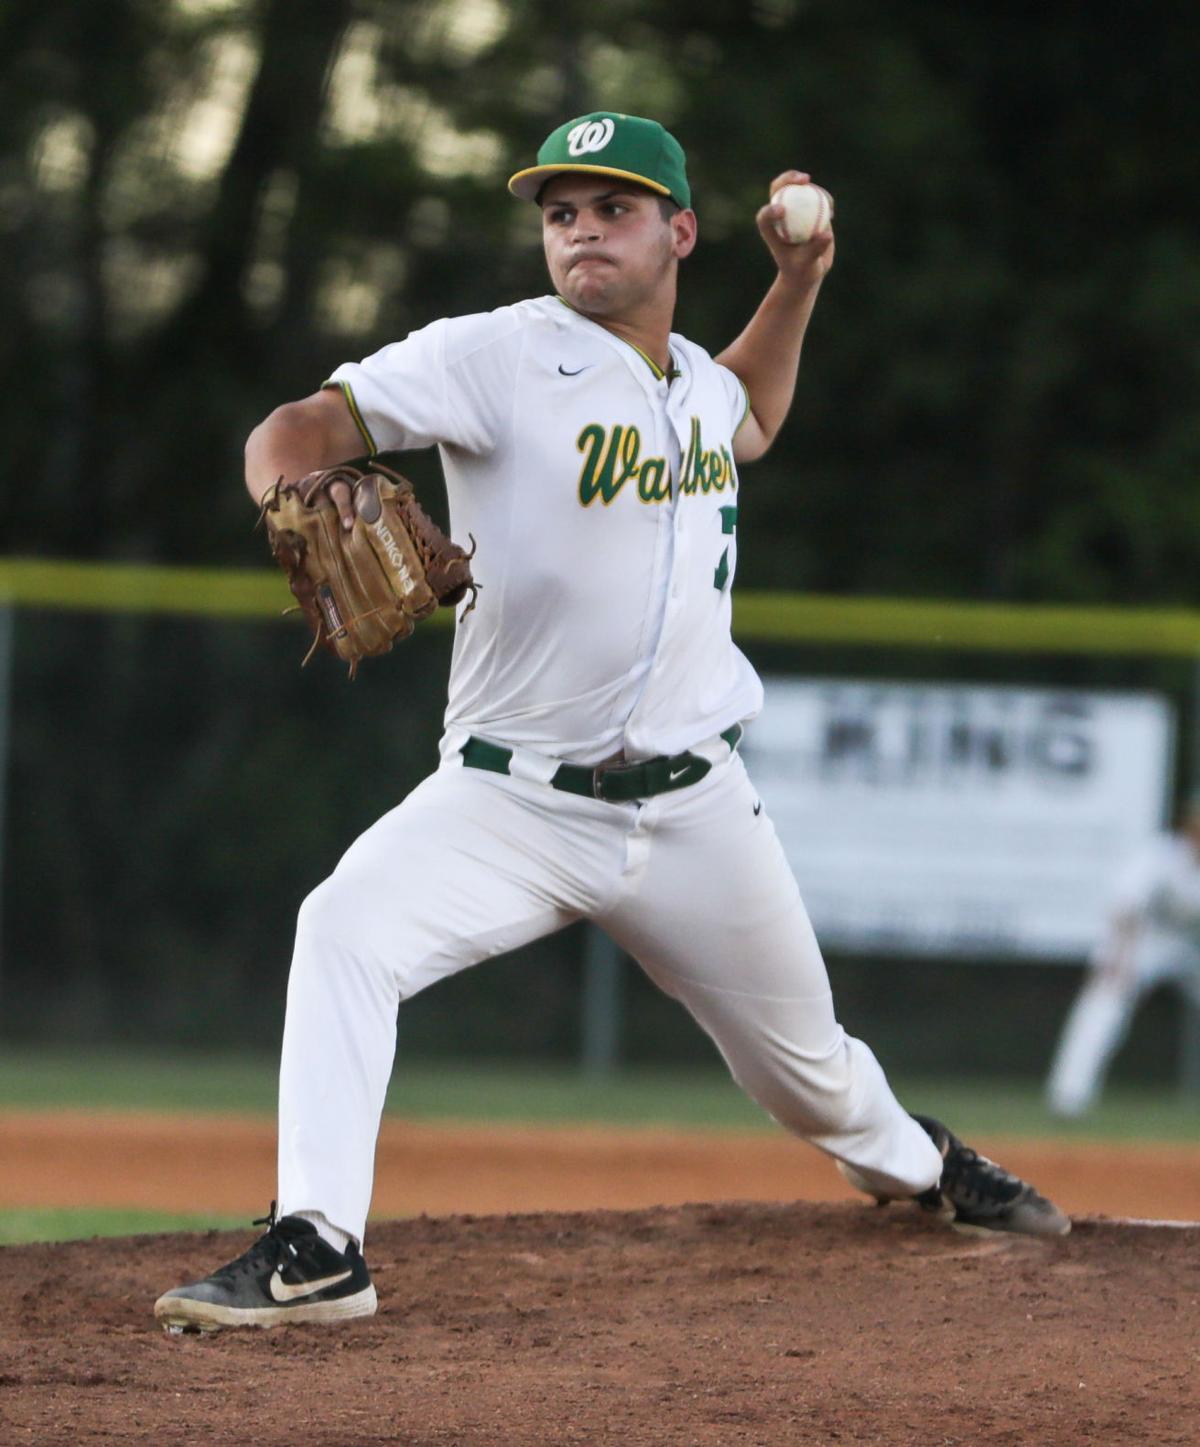 Zachary at Walker baseball Christian Cassels